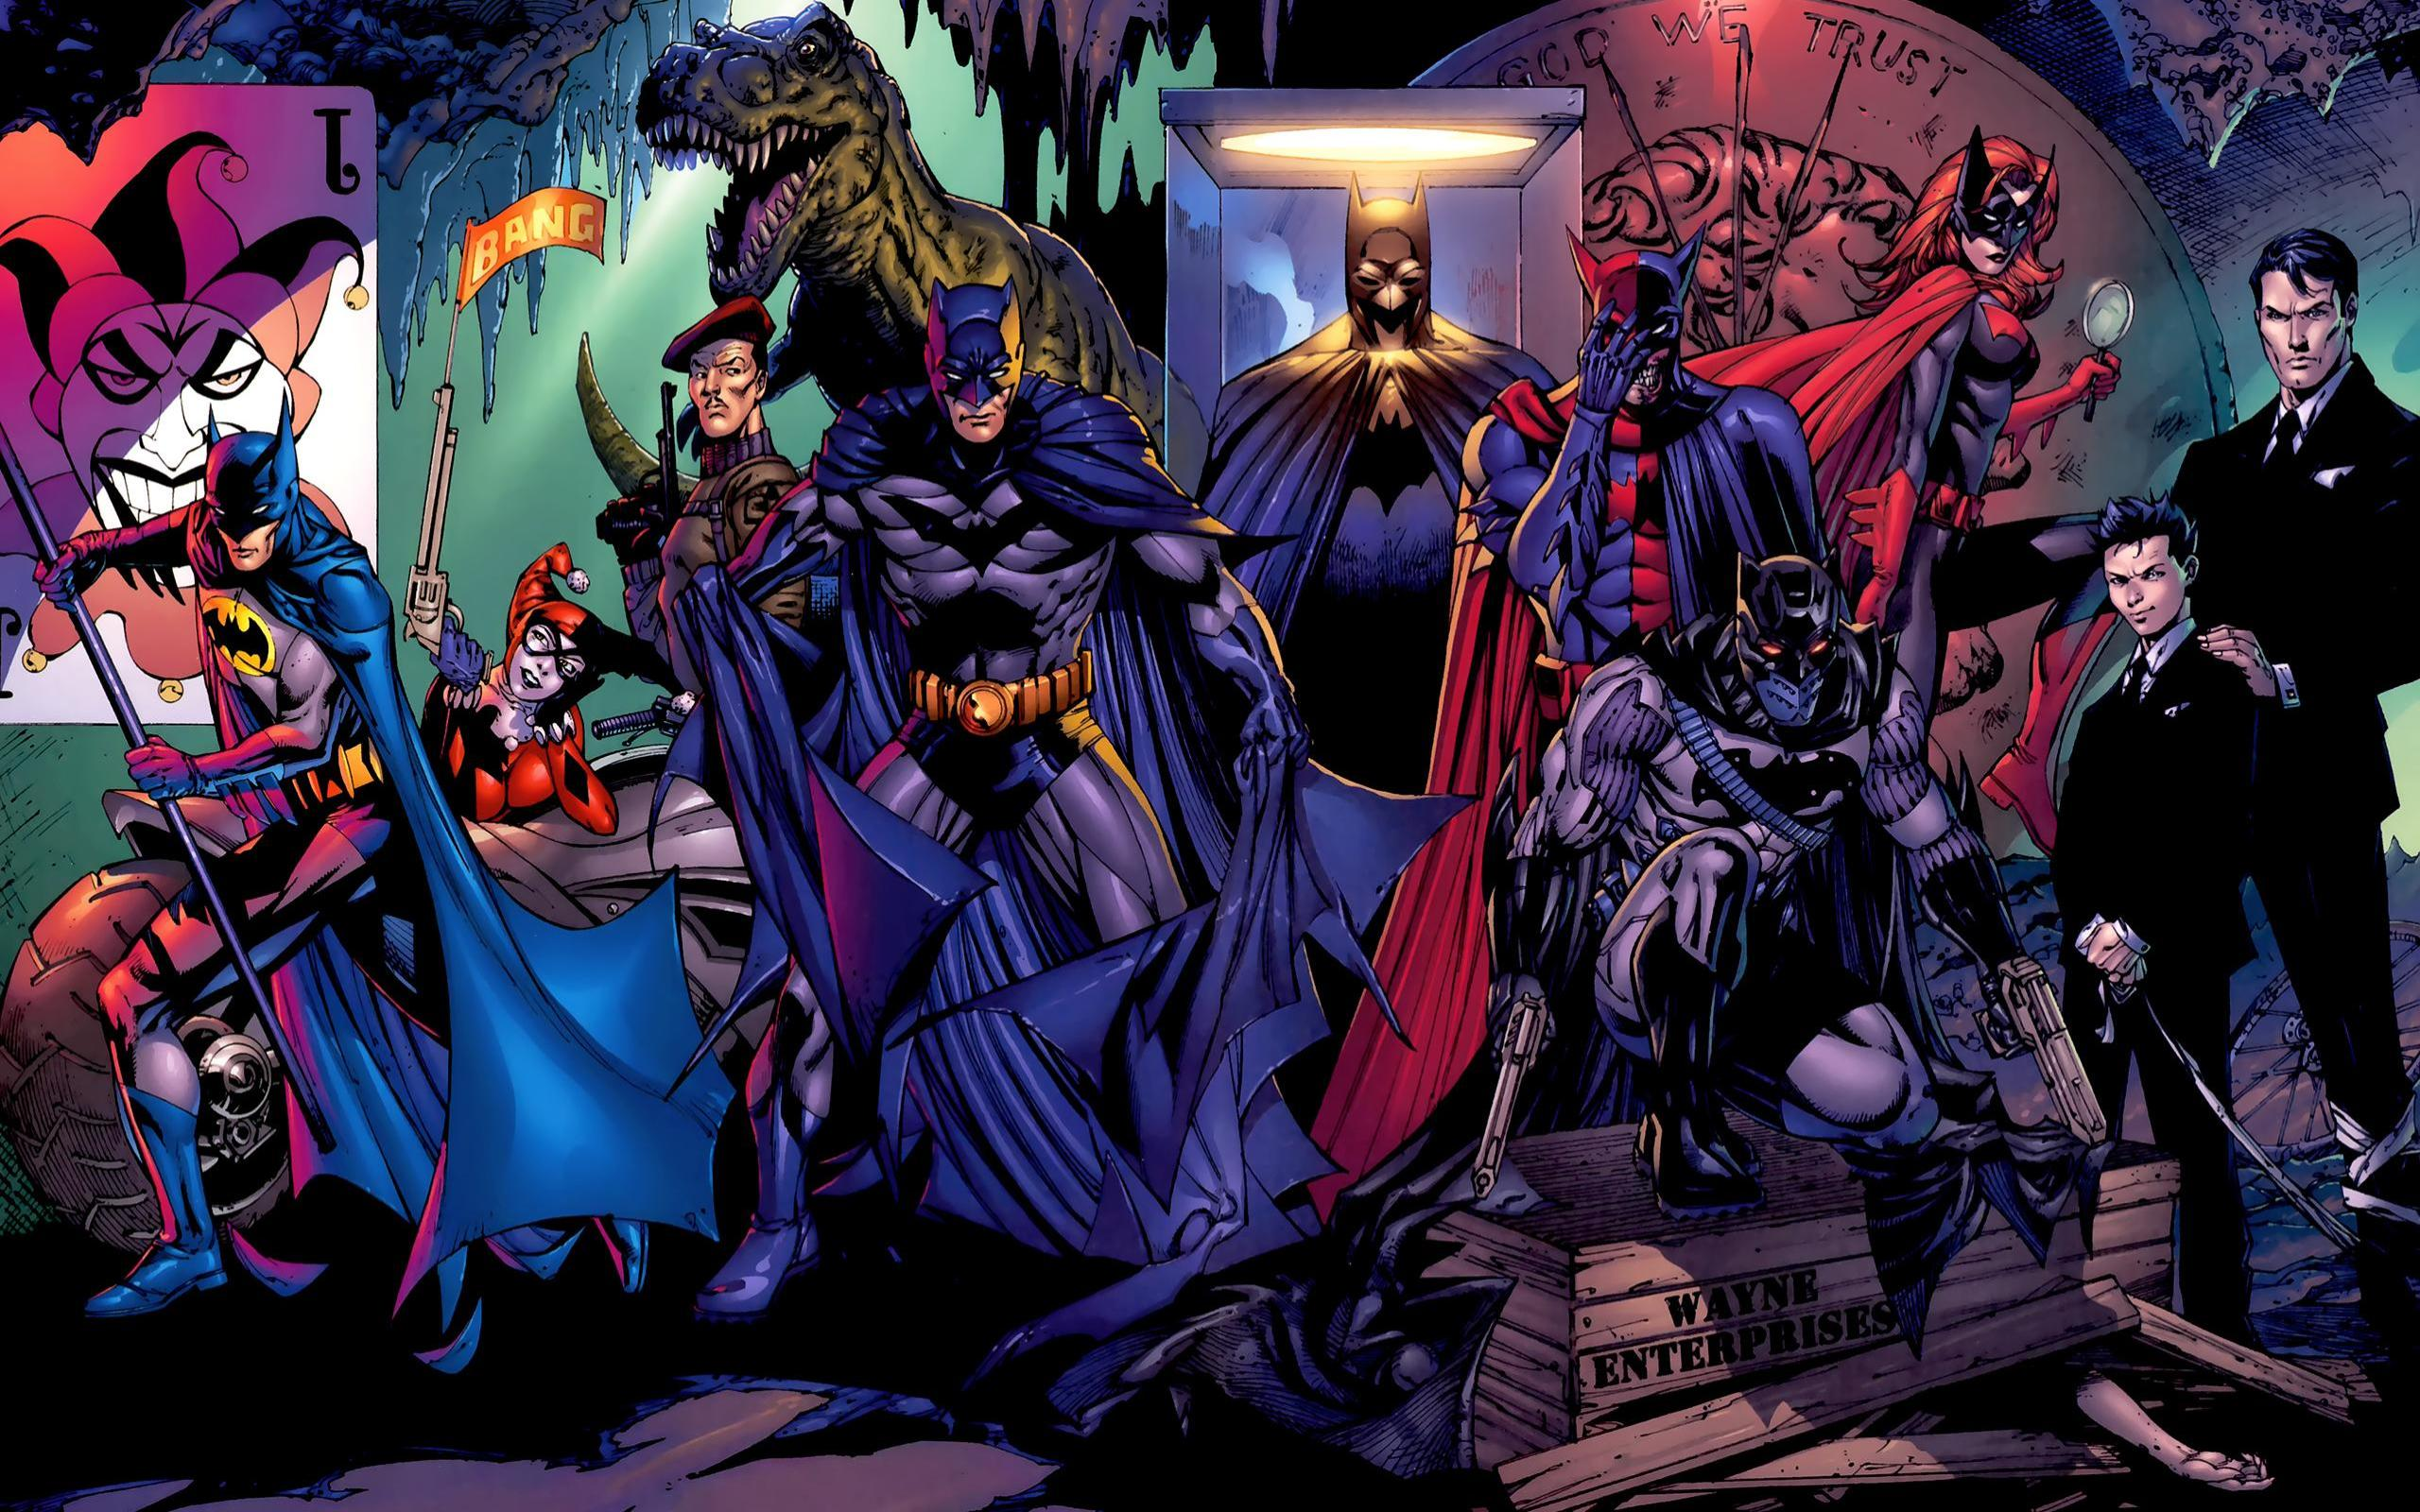 Batman DC Wallpaper 2560x1600 Batman DC Comics Harley Quinn 2560x1600